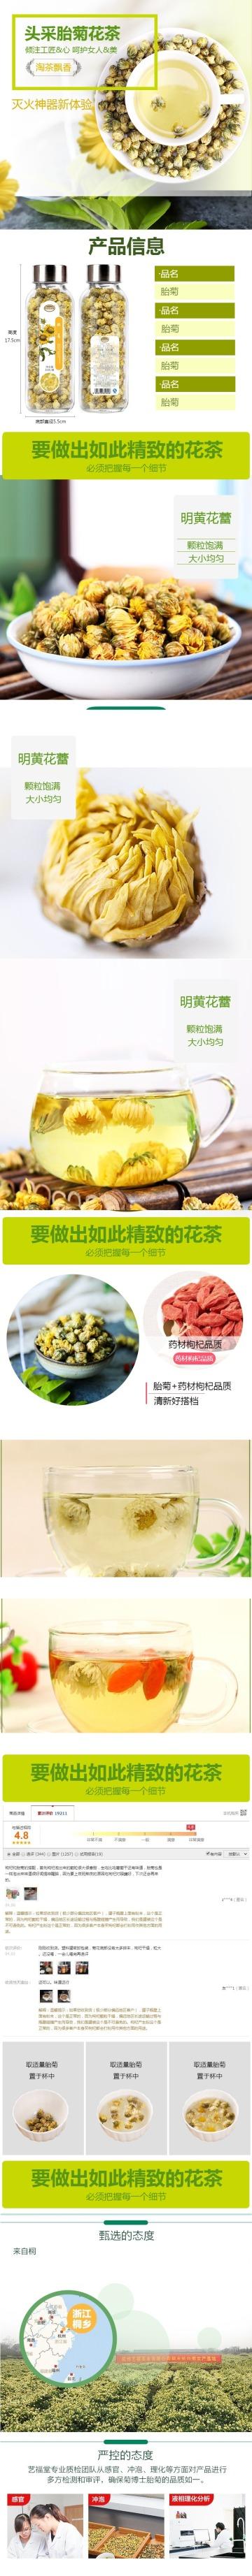 黄色清新文艺生活花茶电商详情图